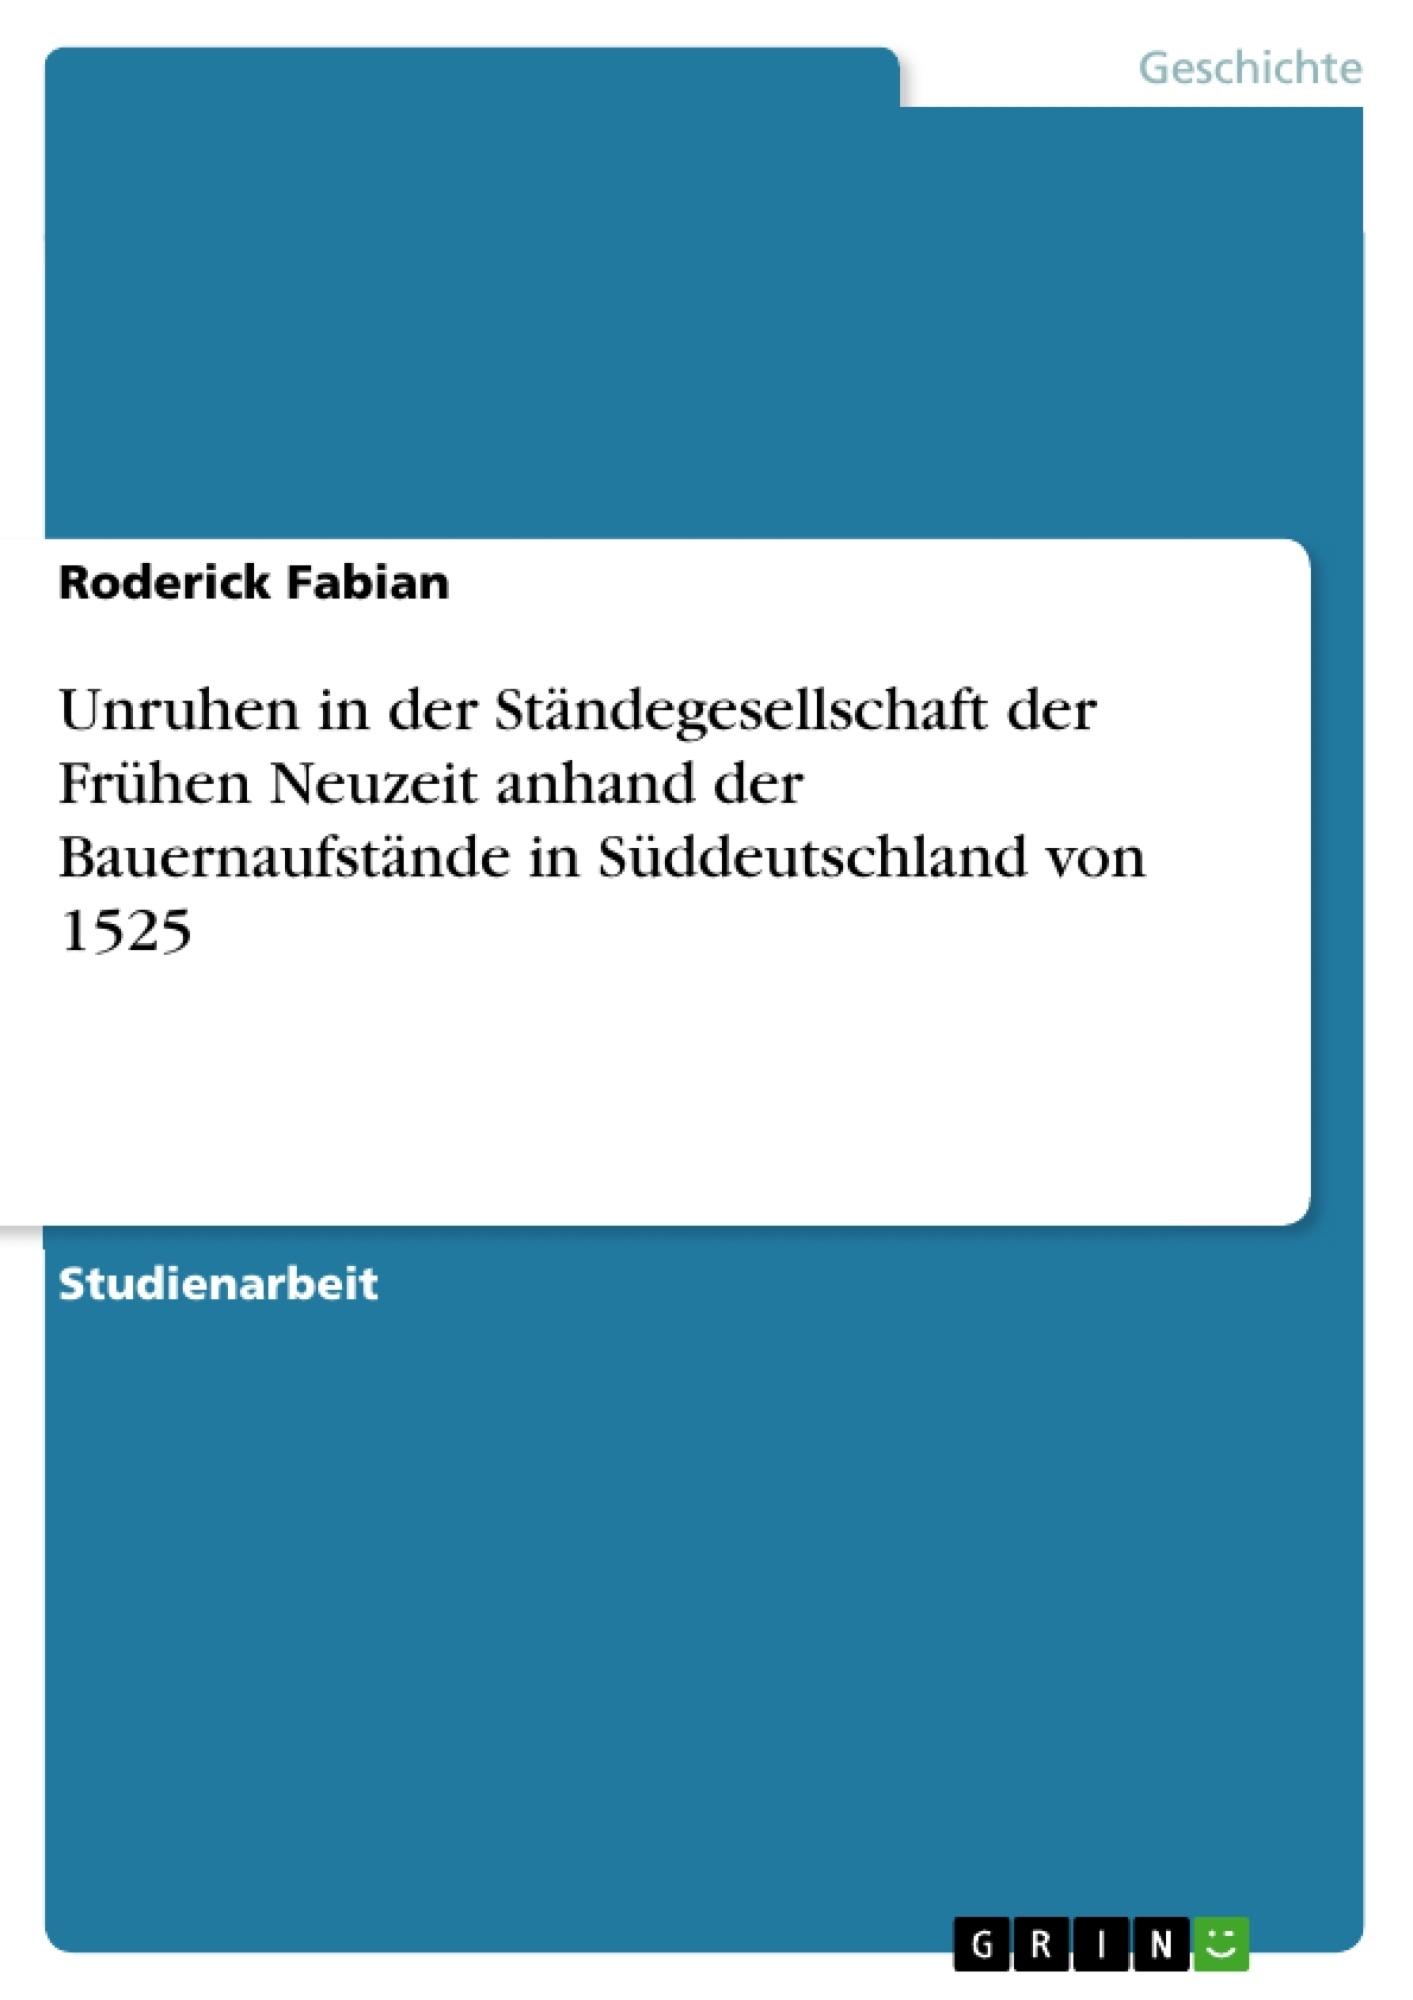 Titel: Unruhen in der Ständegesellschaft der Frühen Neuzeit anhand der Bauernaufstände in Süddeutschland von 1525